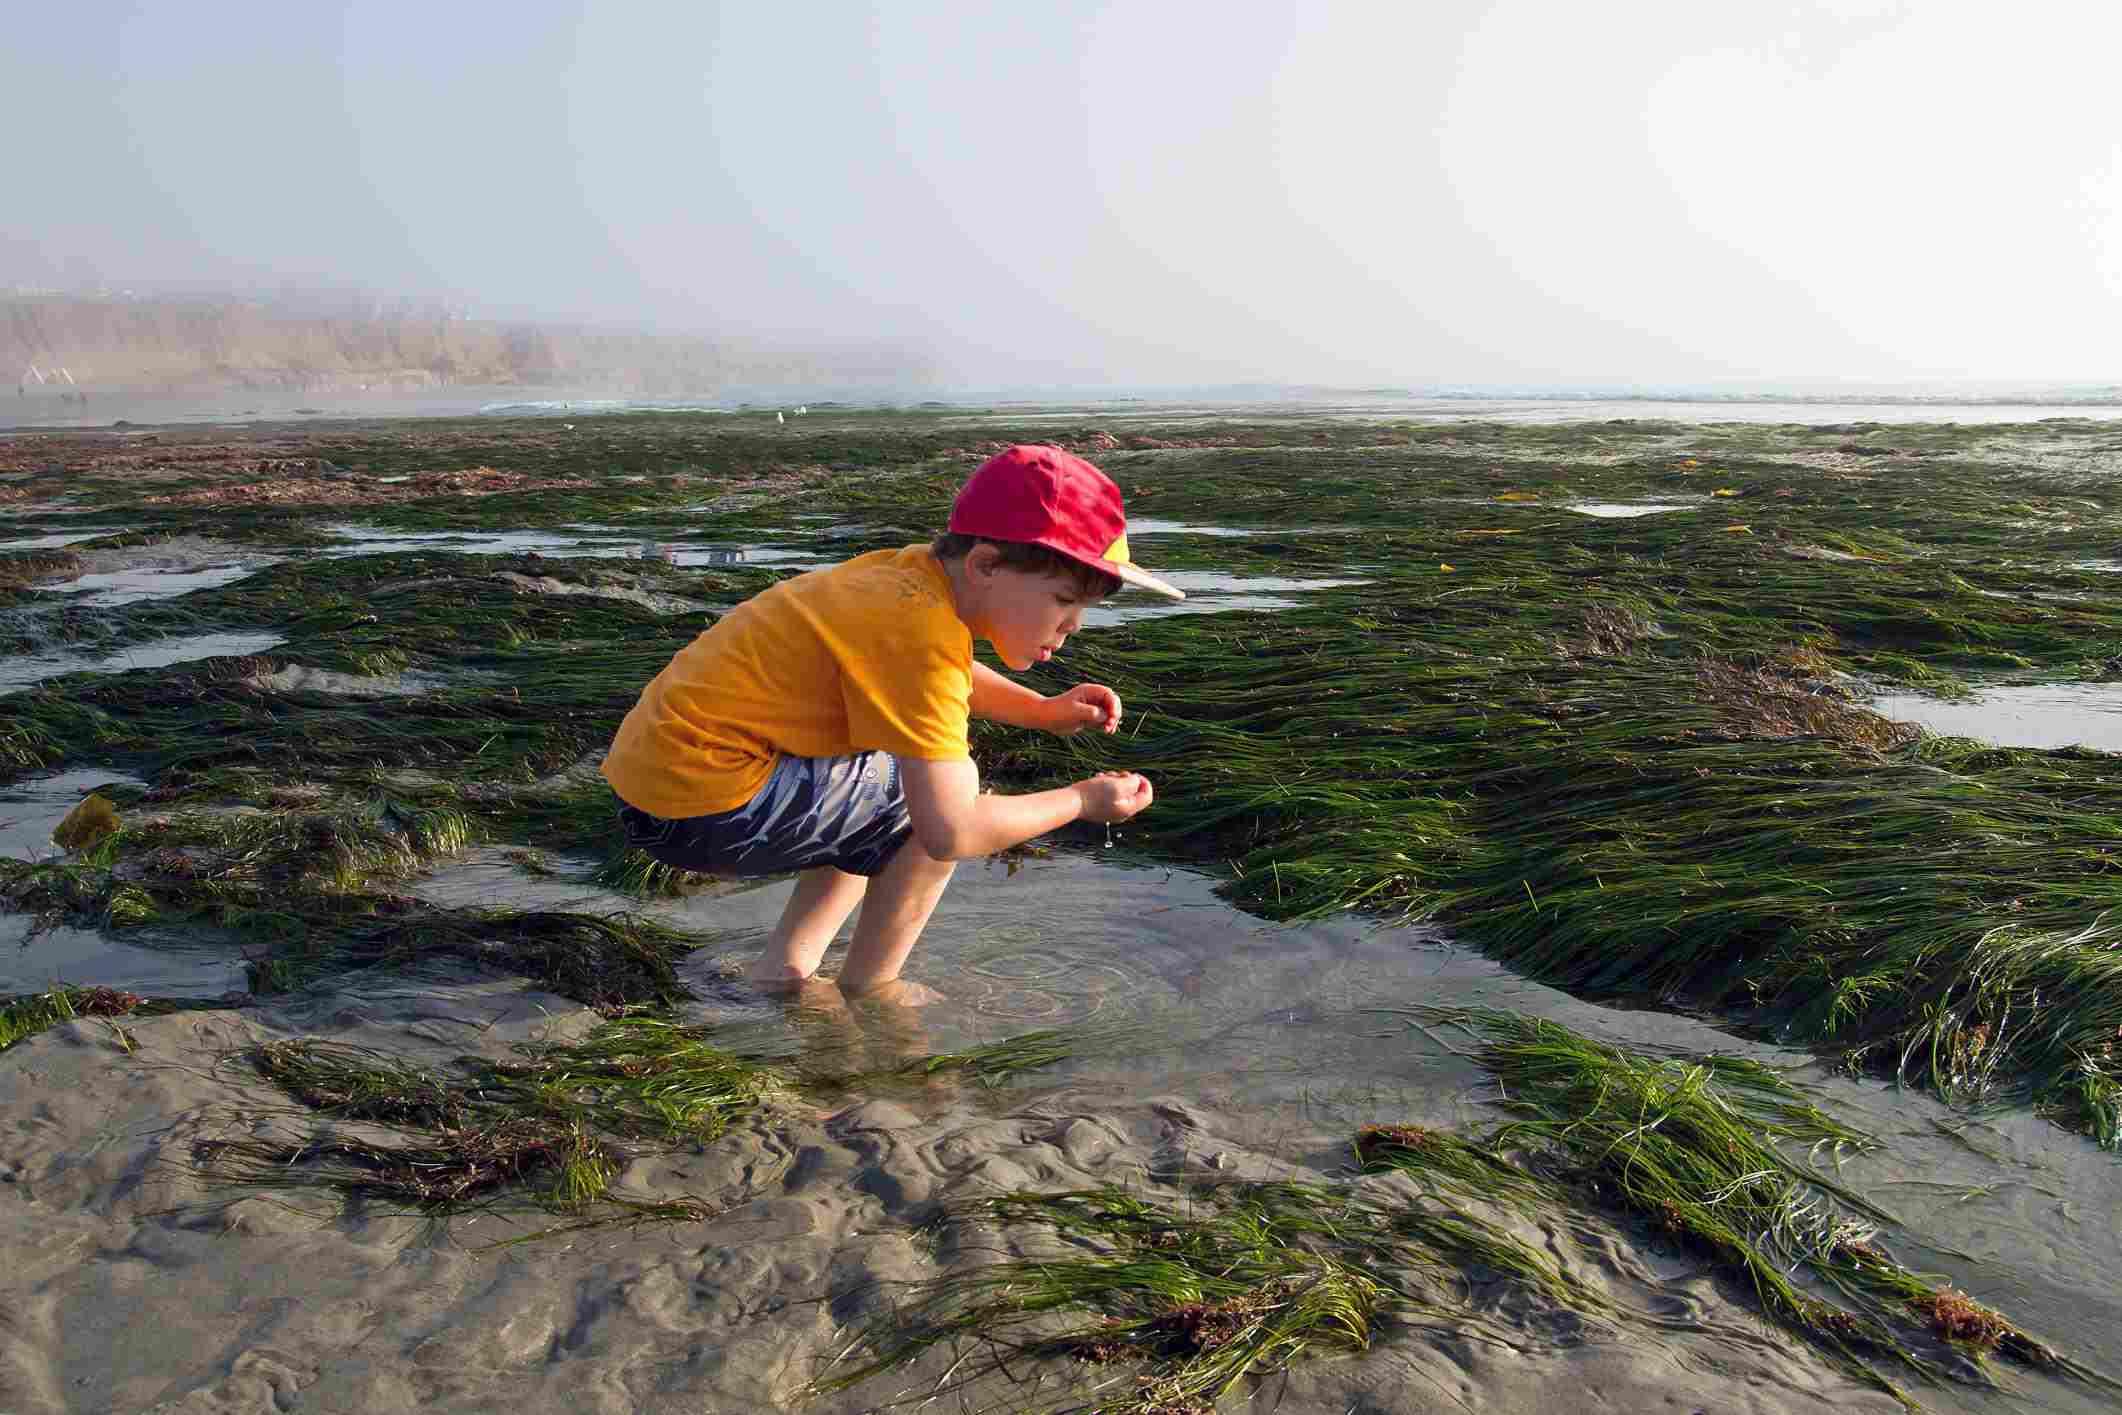 Boy in a Tide Pool at Low Tide